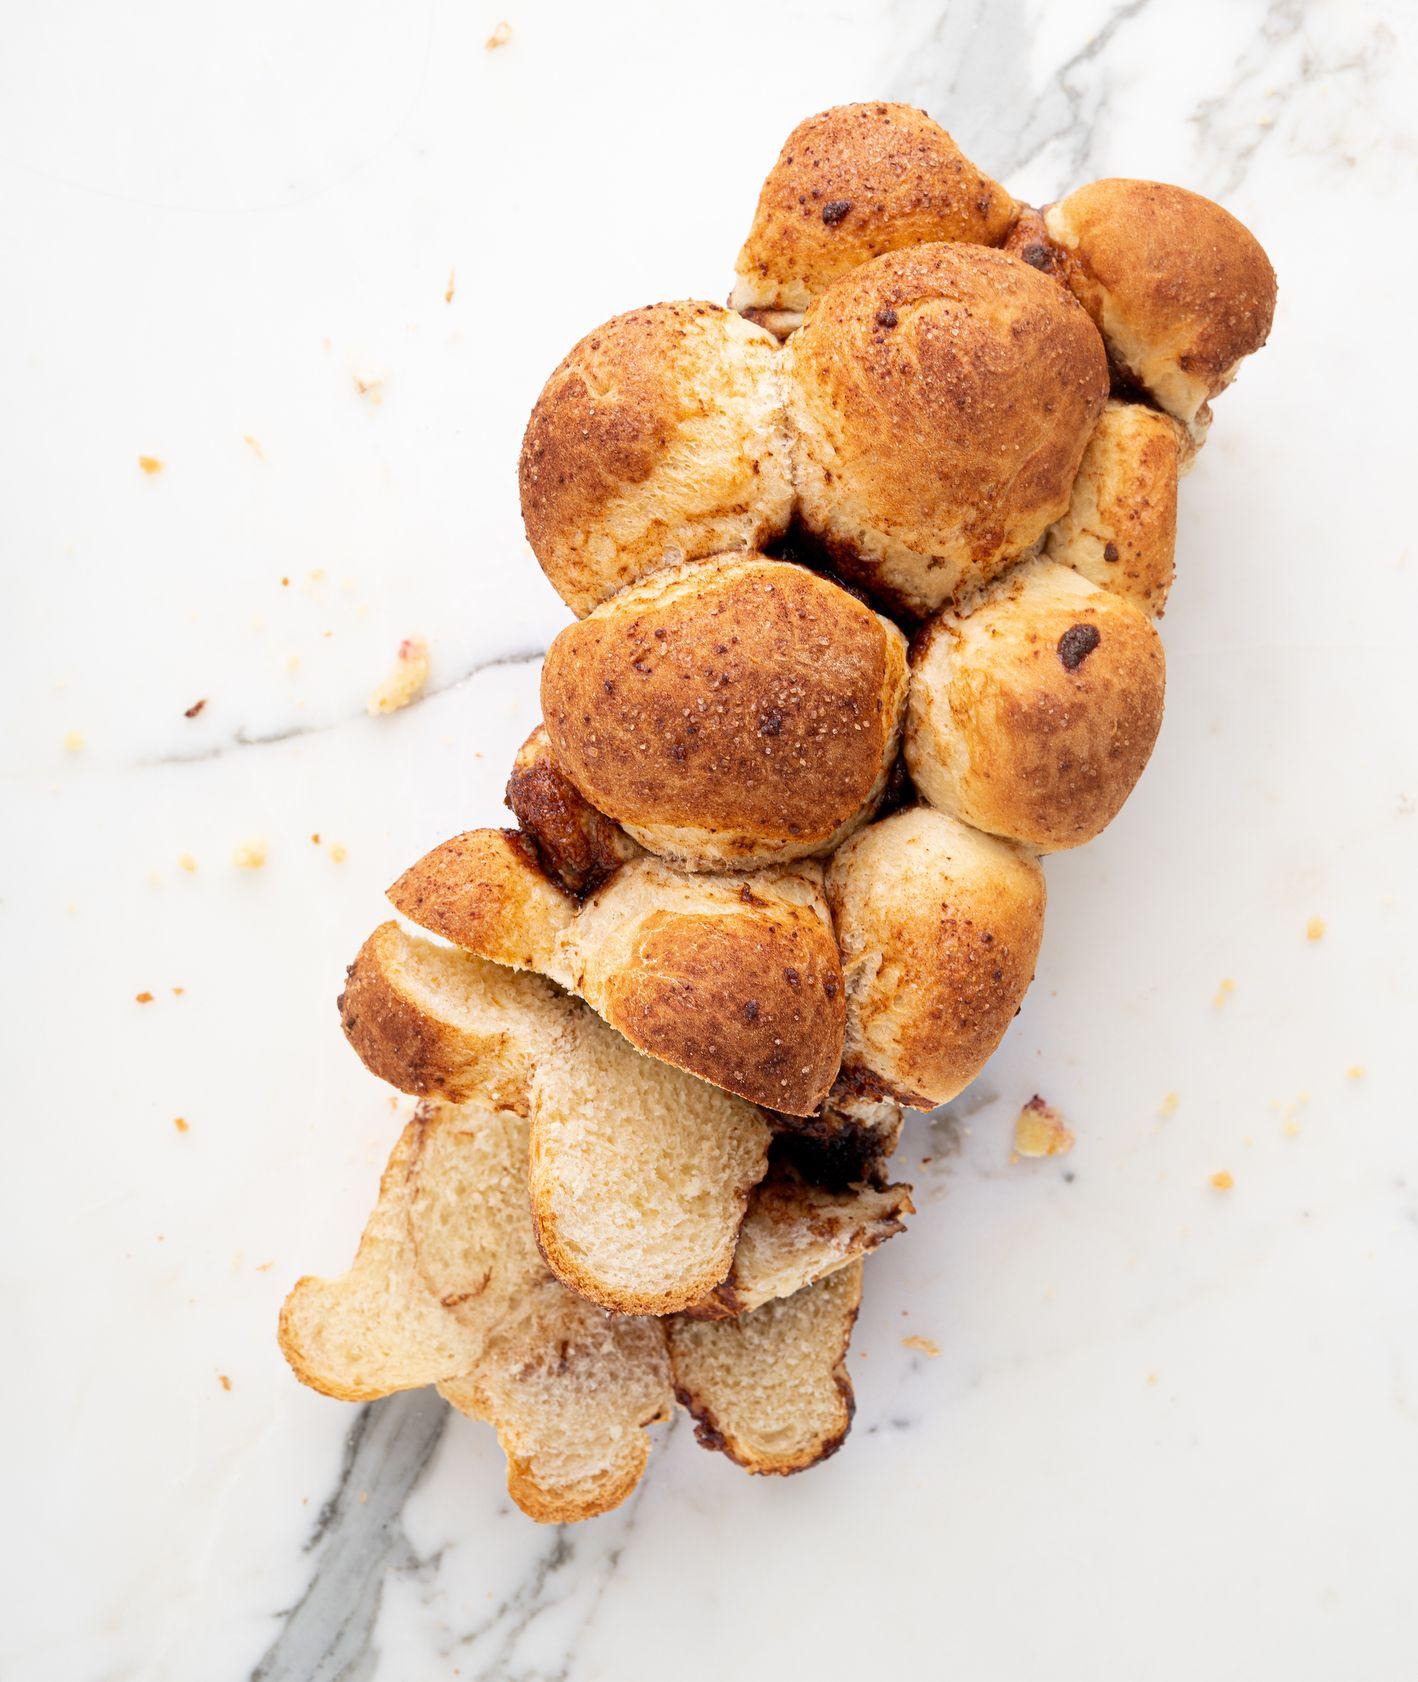 Nieregularne ciasto drożdżowe z cynamonem (fot. Alicja Rokicka / Wegan Nerd)